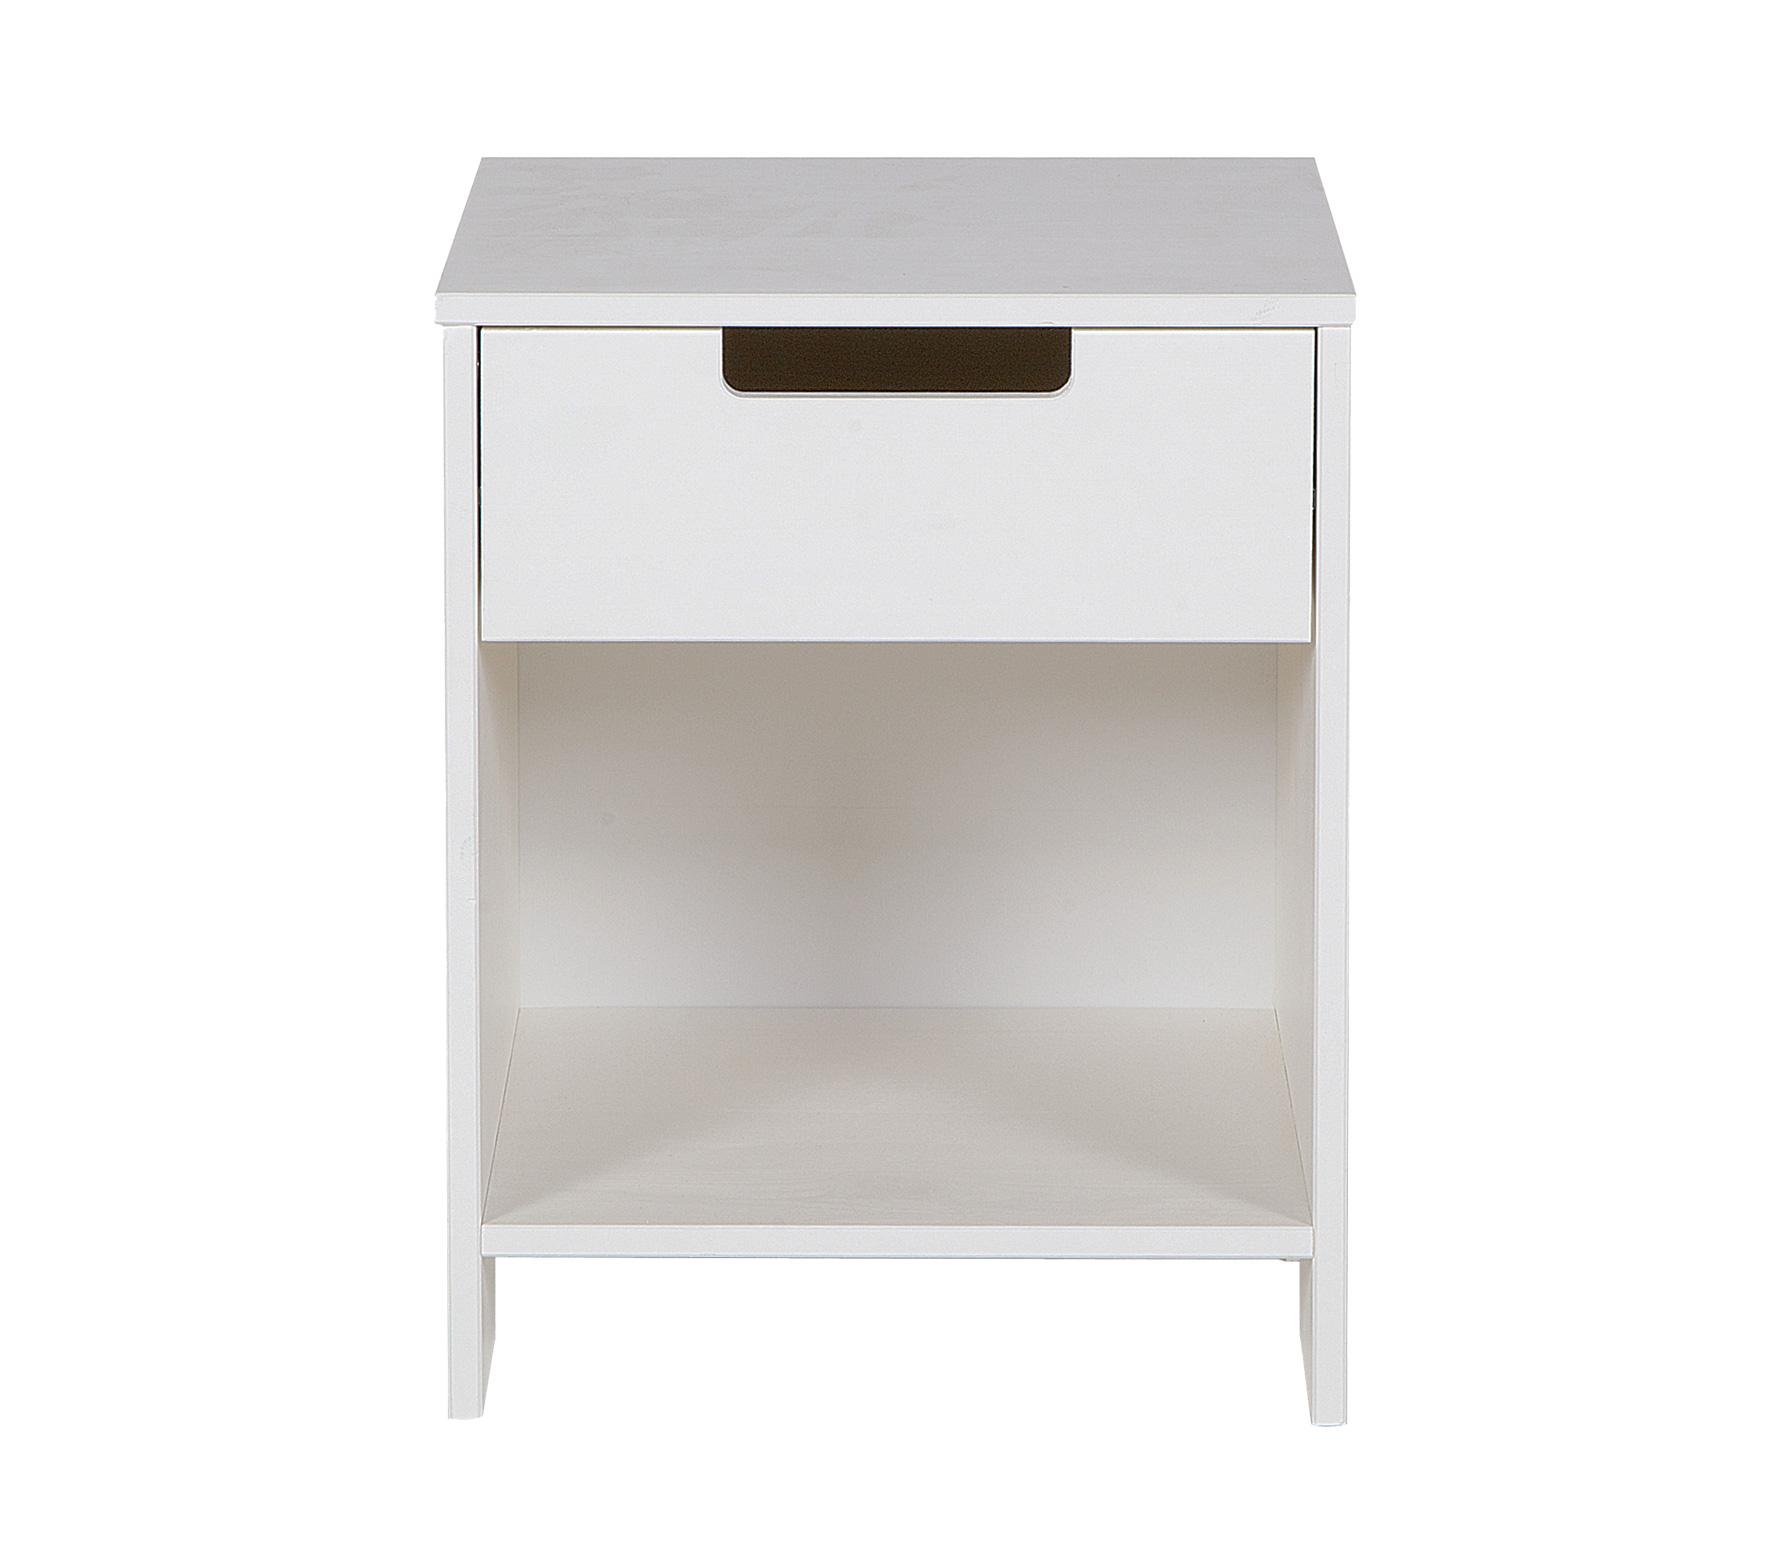 European style office furniture valentineblog net - Locker Nightstand